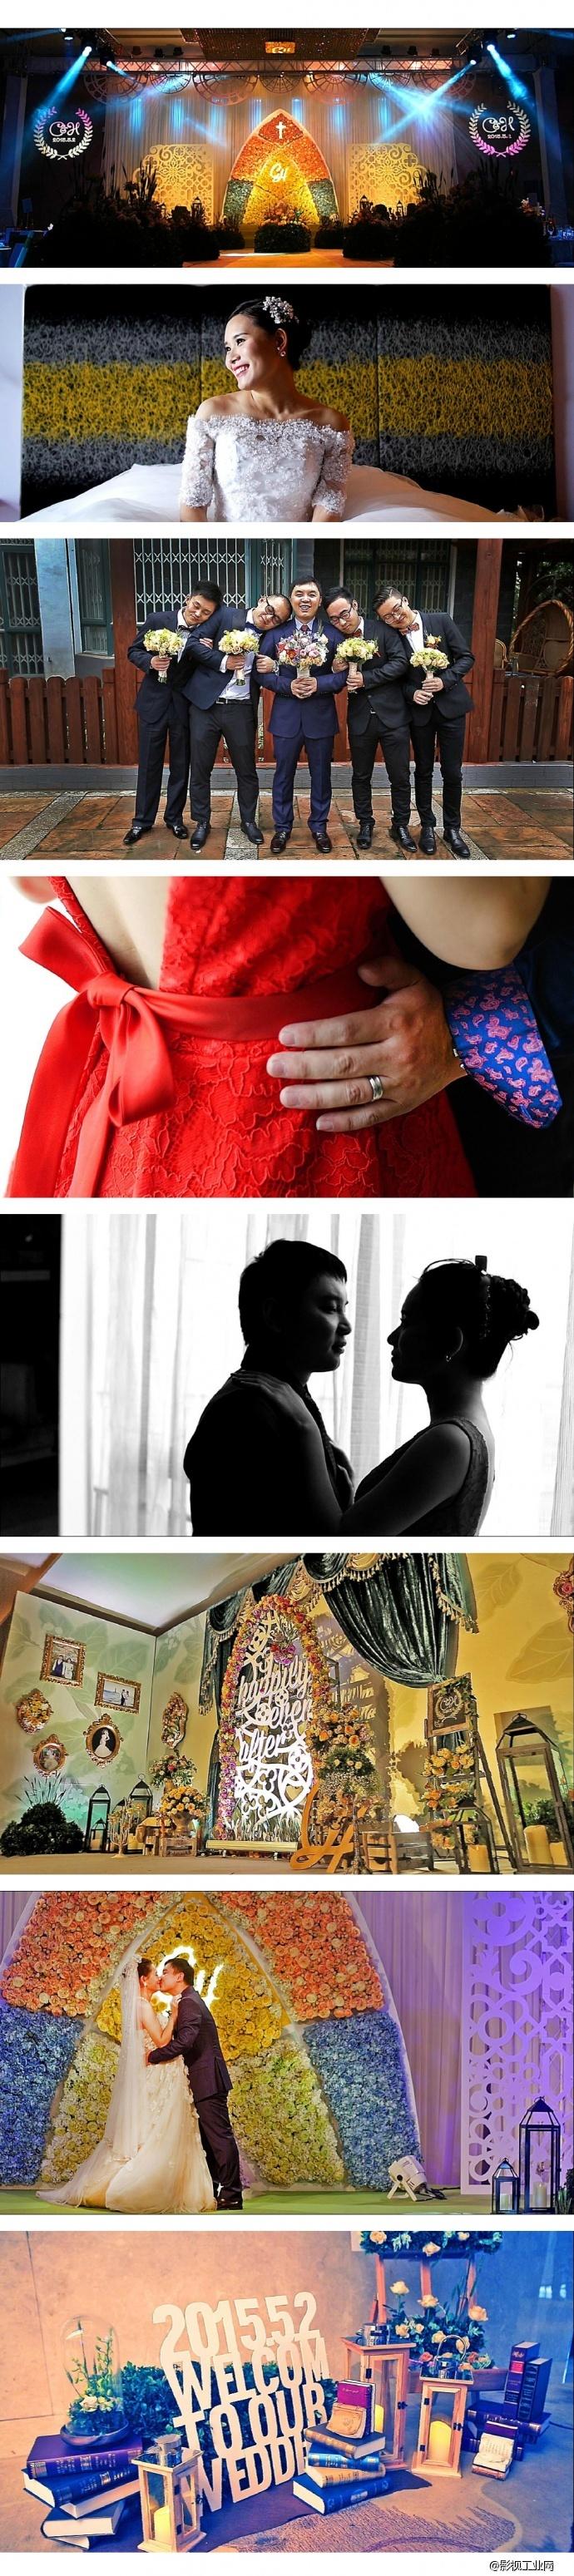 【松下最佳婚礼】郑州浮光掠影电影工作室作品:《在一起》 GH4